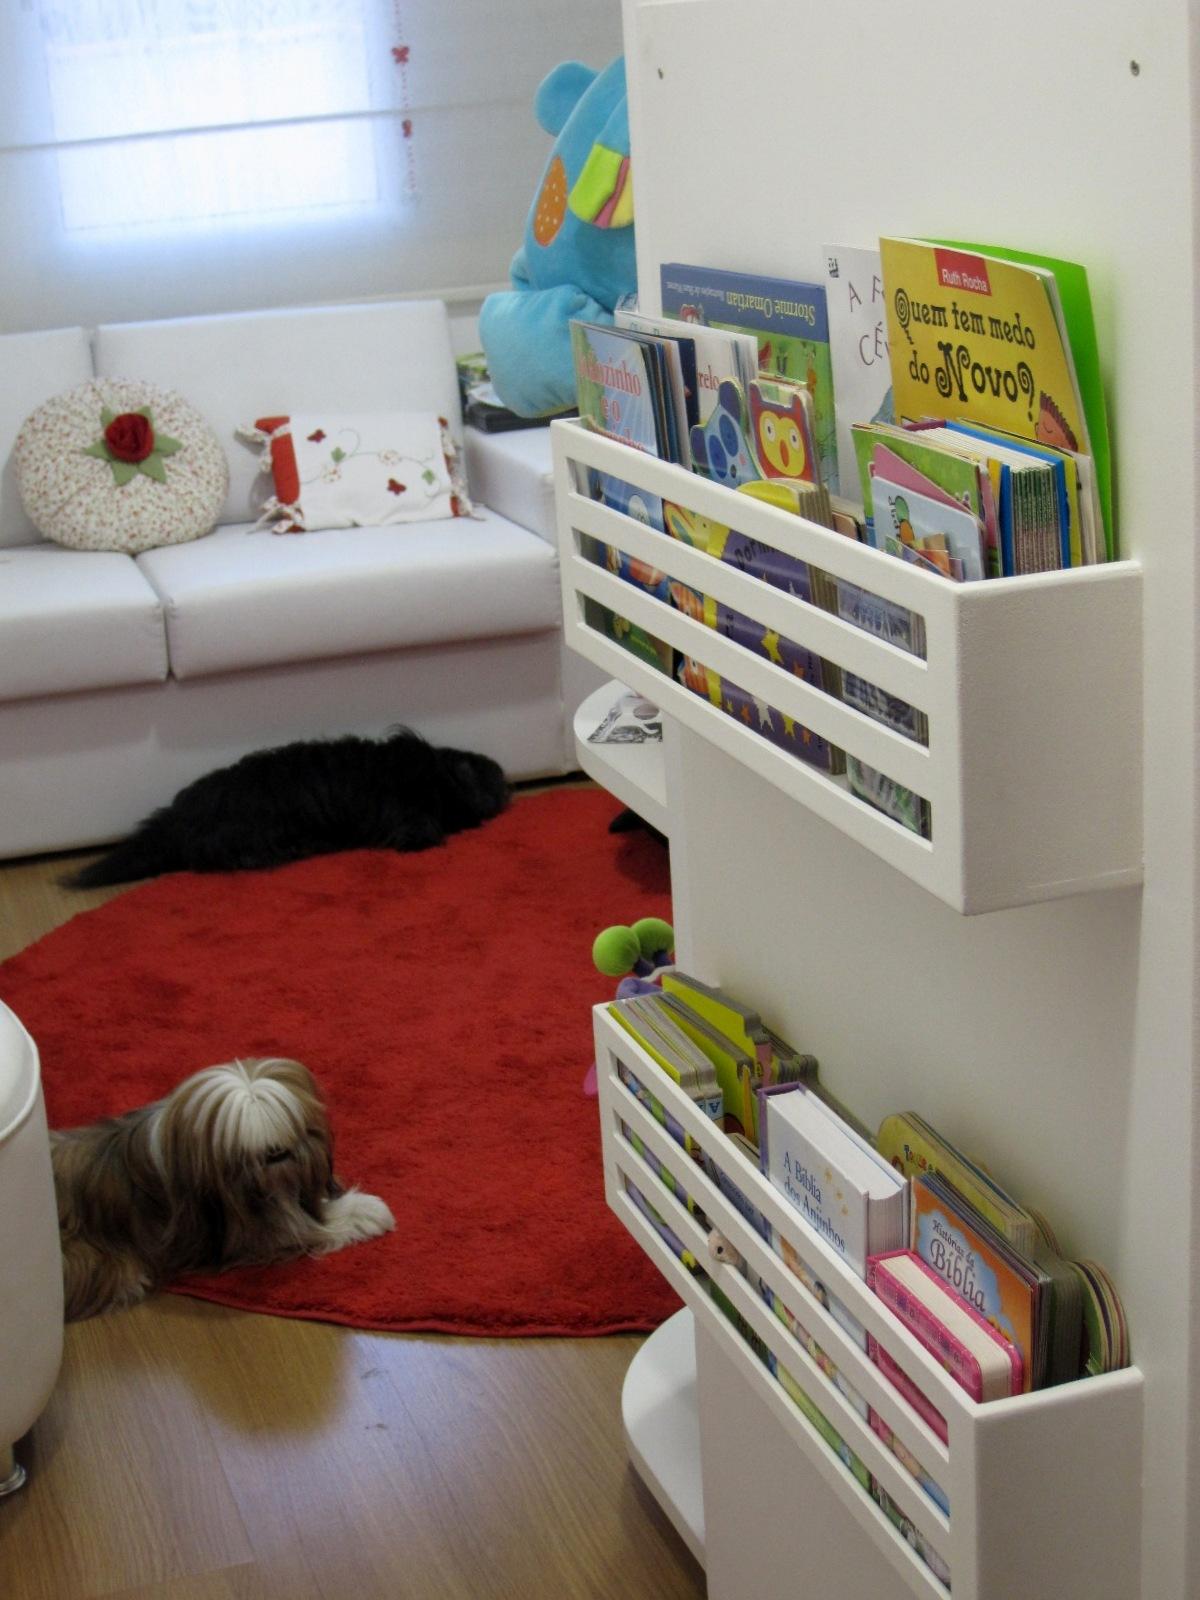 #76241C quinta feira 18 de outubro de 2012 1200x1600 px como fazer estantes para livros @ bernauer.info Móveis Antigos Novos E Usados Online